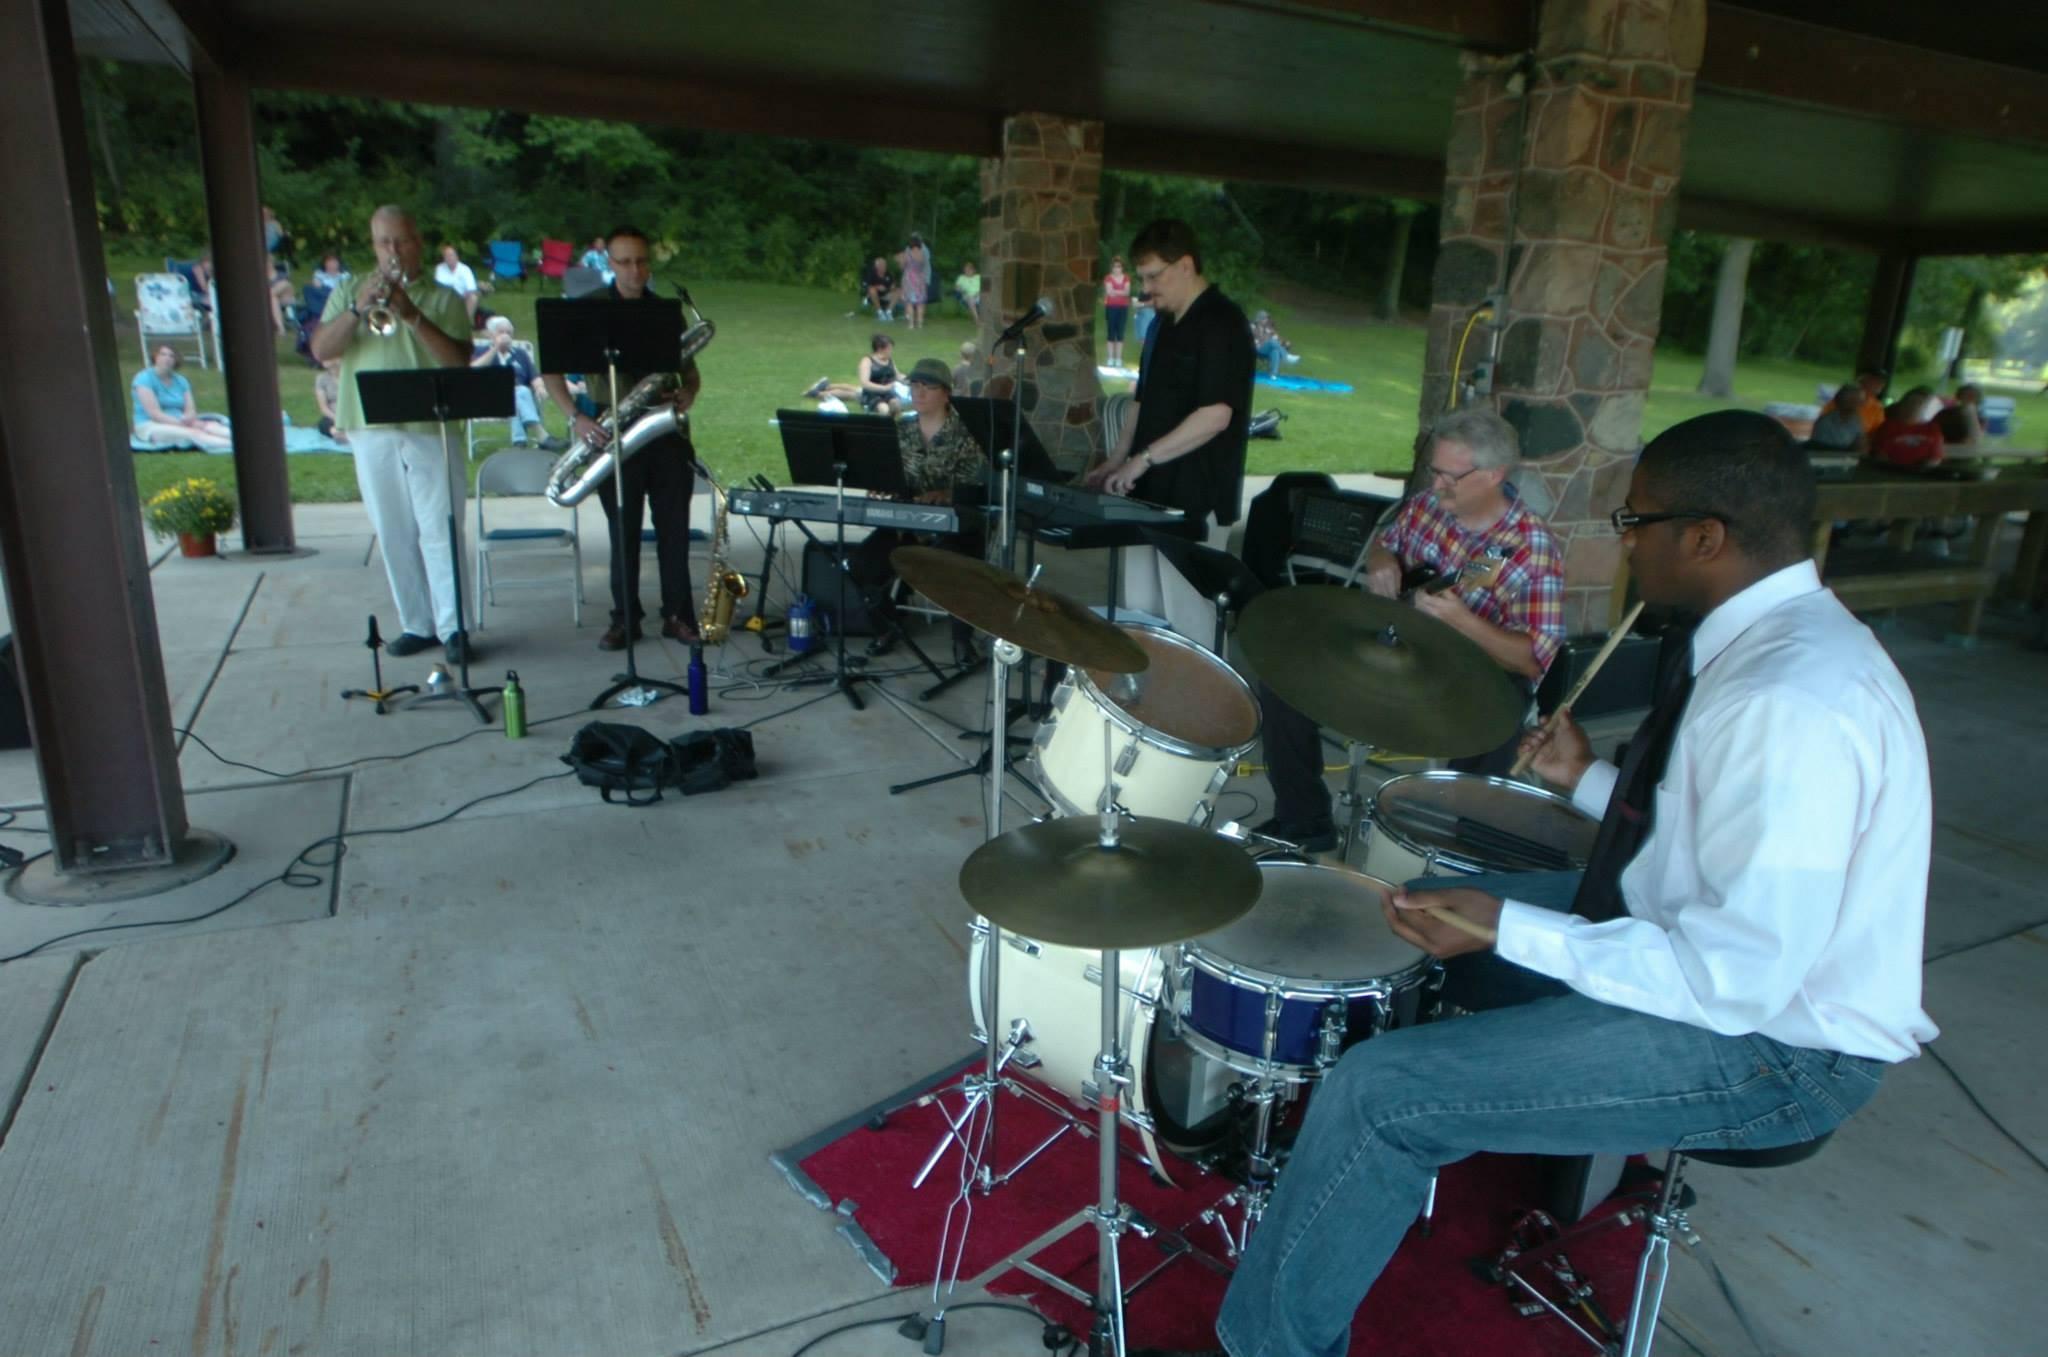 Riverside Park Music Fest 2013